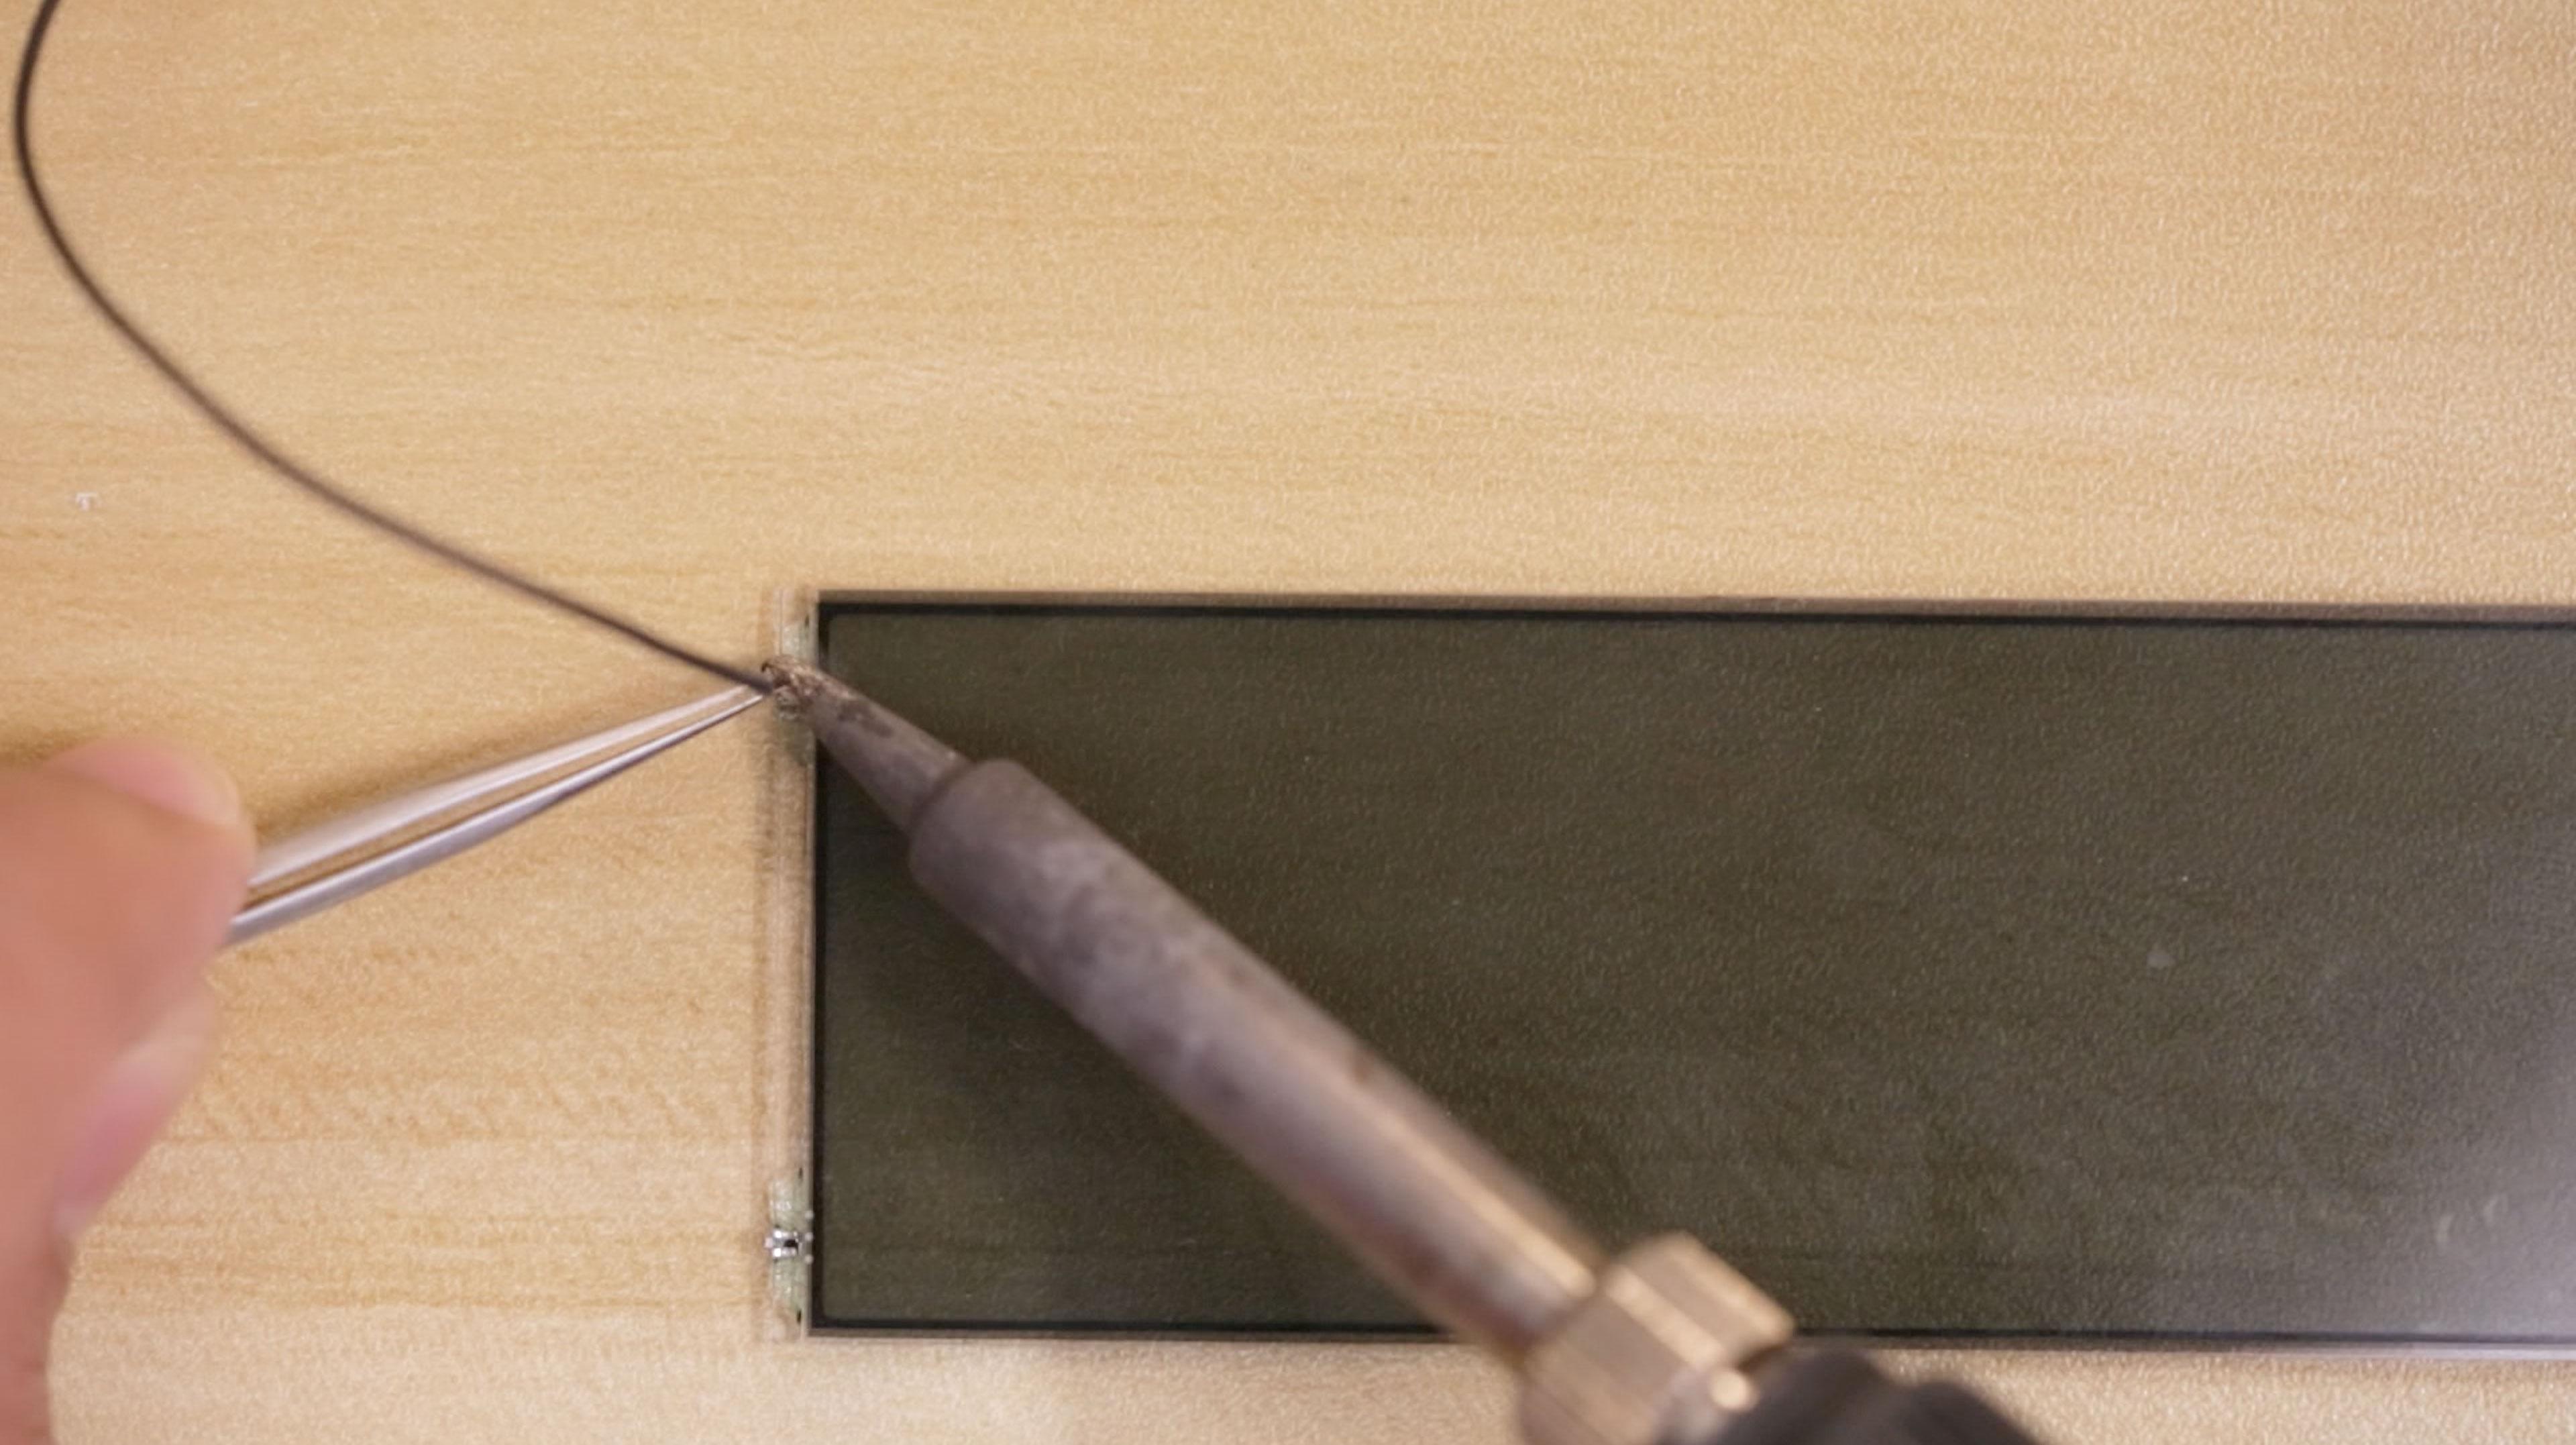 lcds___displays_lcd-pin-solder.jpg